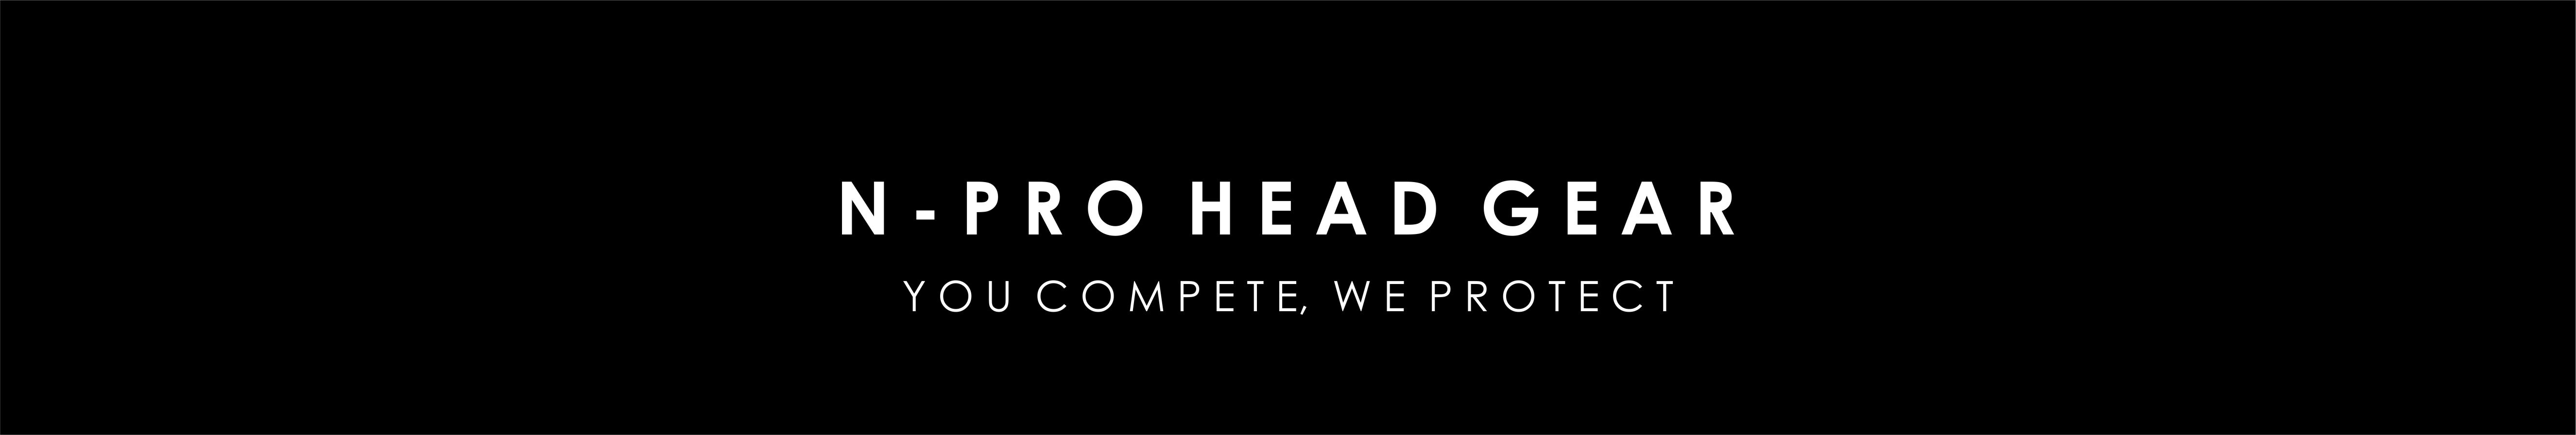 n-pro-head-gear-front-page.jpg